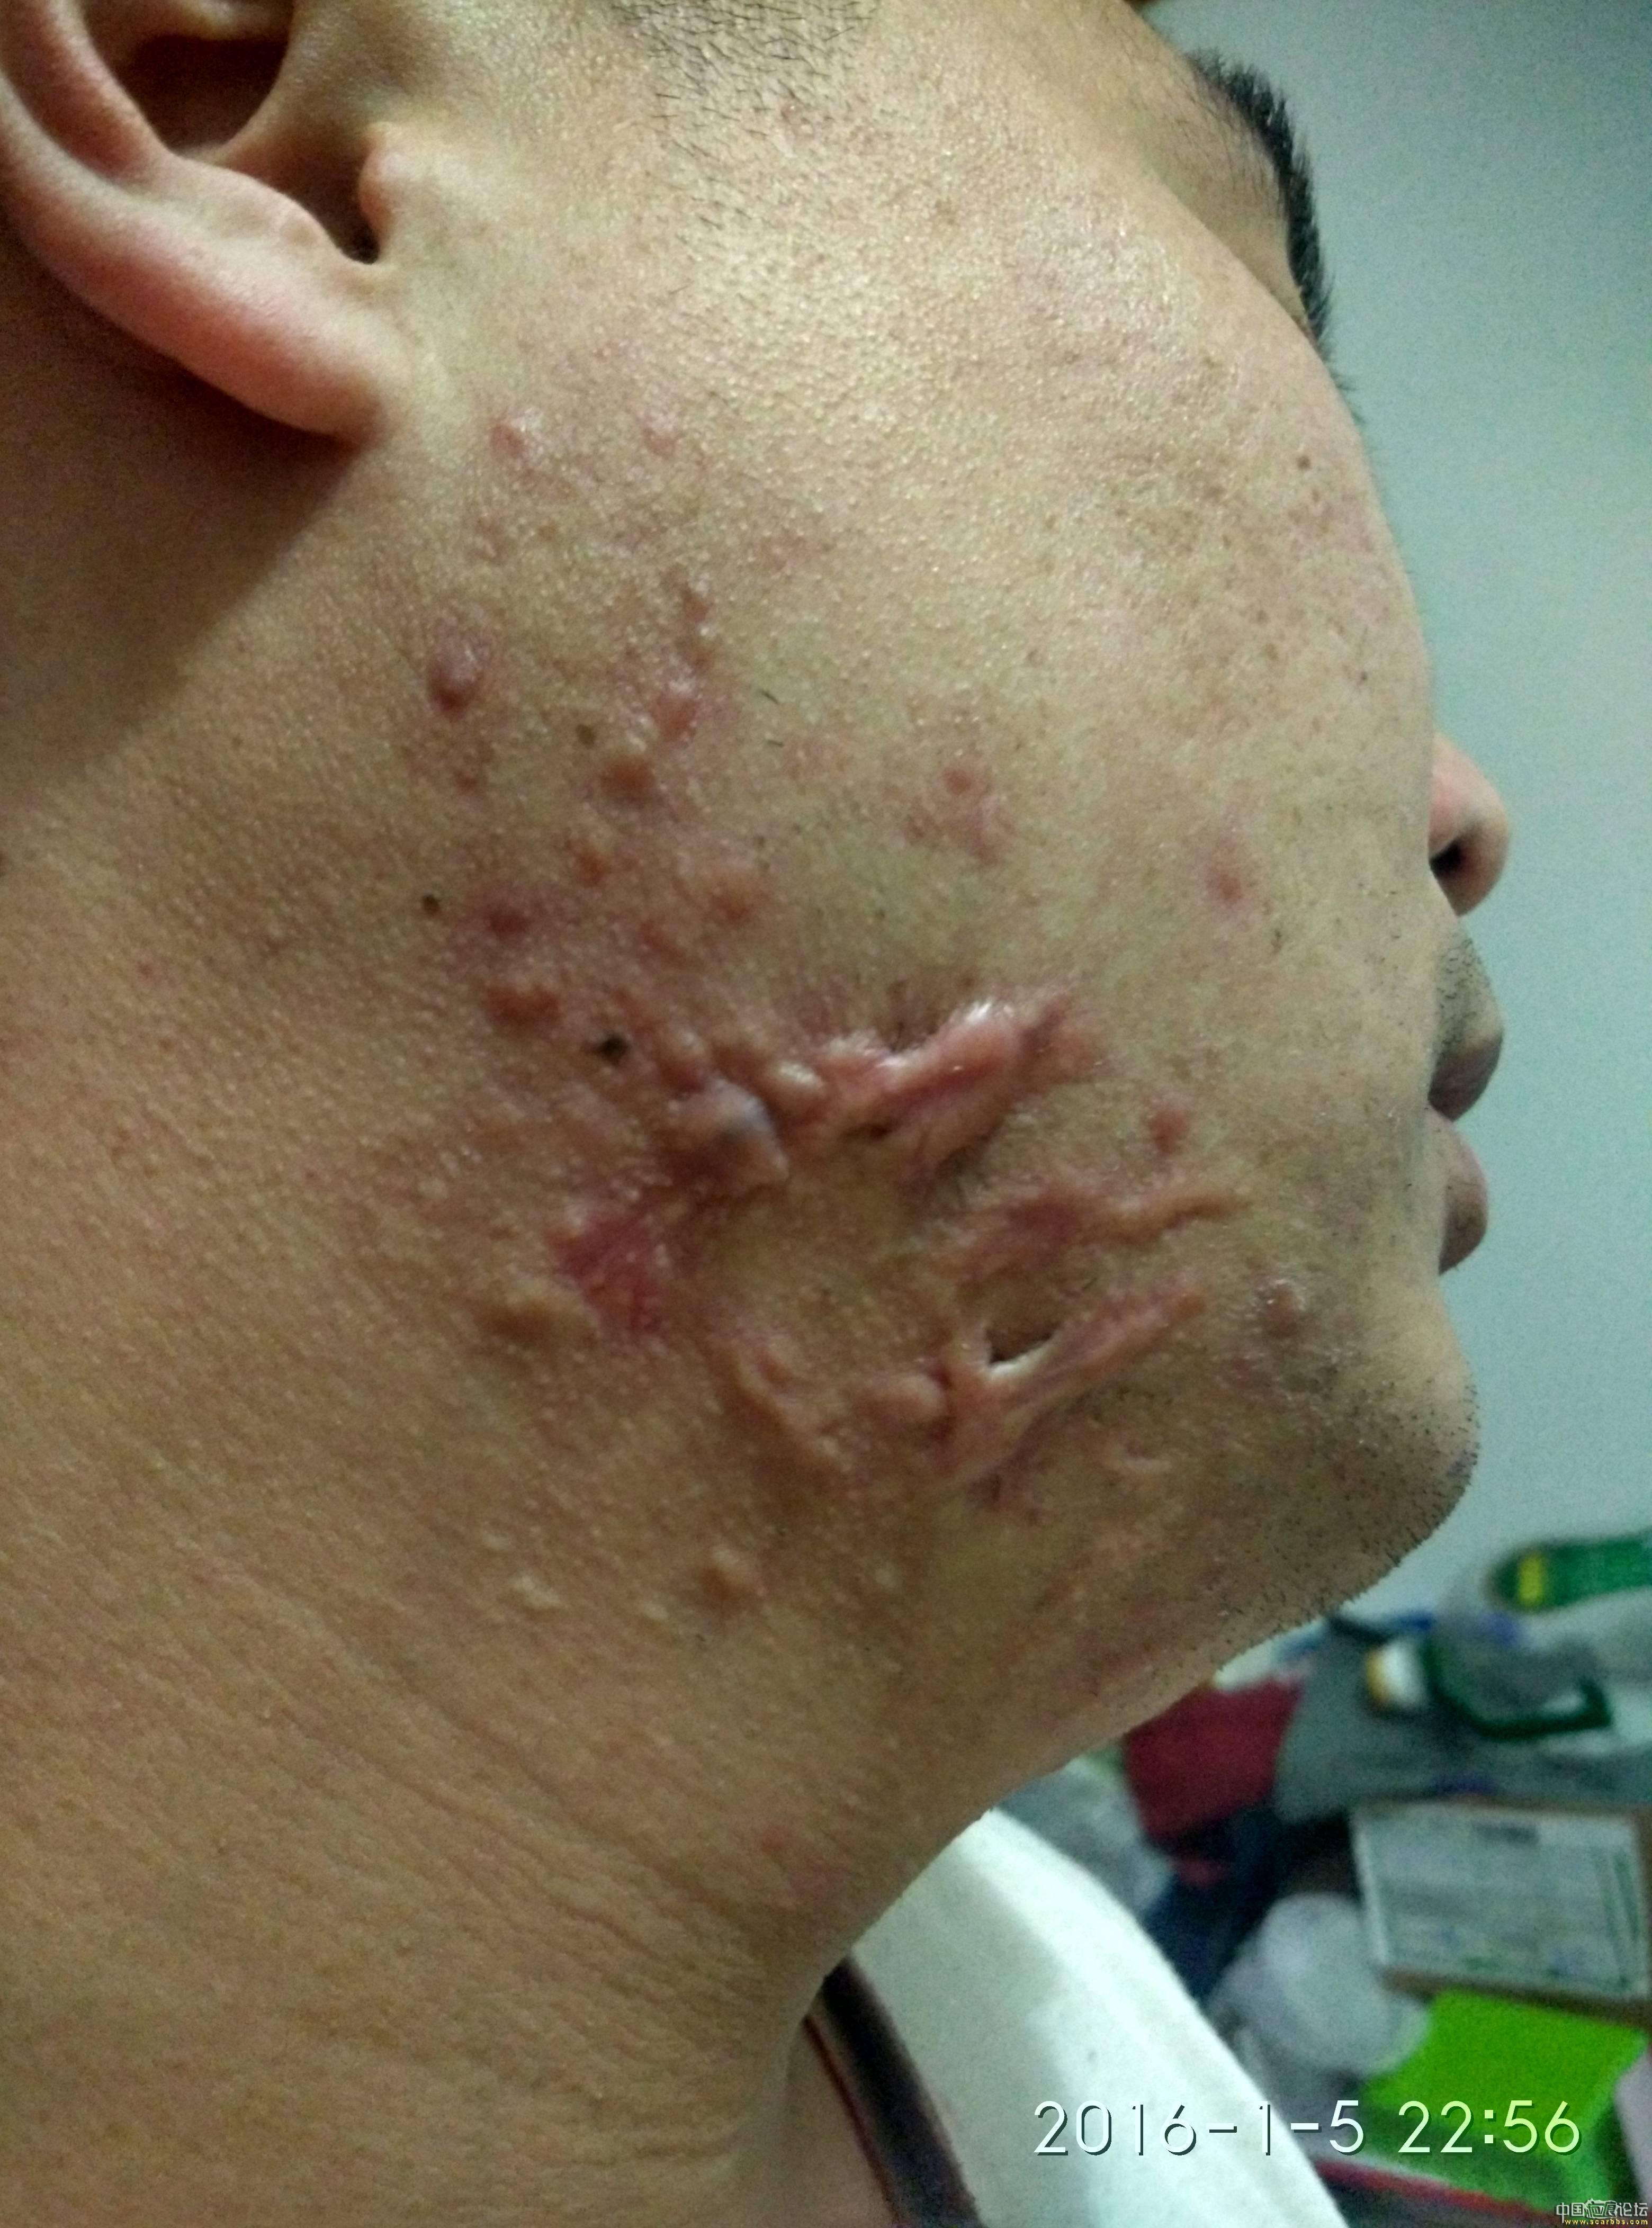 陪伴4年的腮部疤痕疙瘩治疗效果分享17-疤痕体质图片_疤痕疙瘩图片-中国疤痕论坛